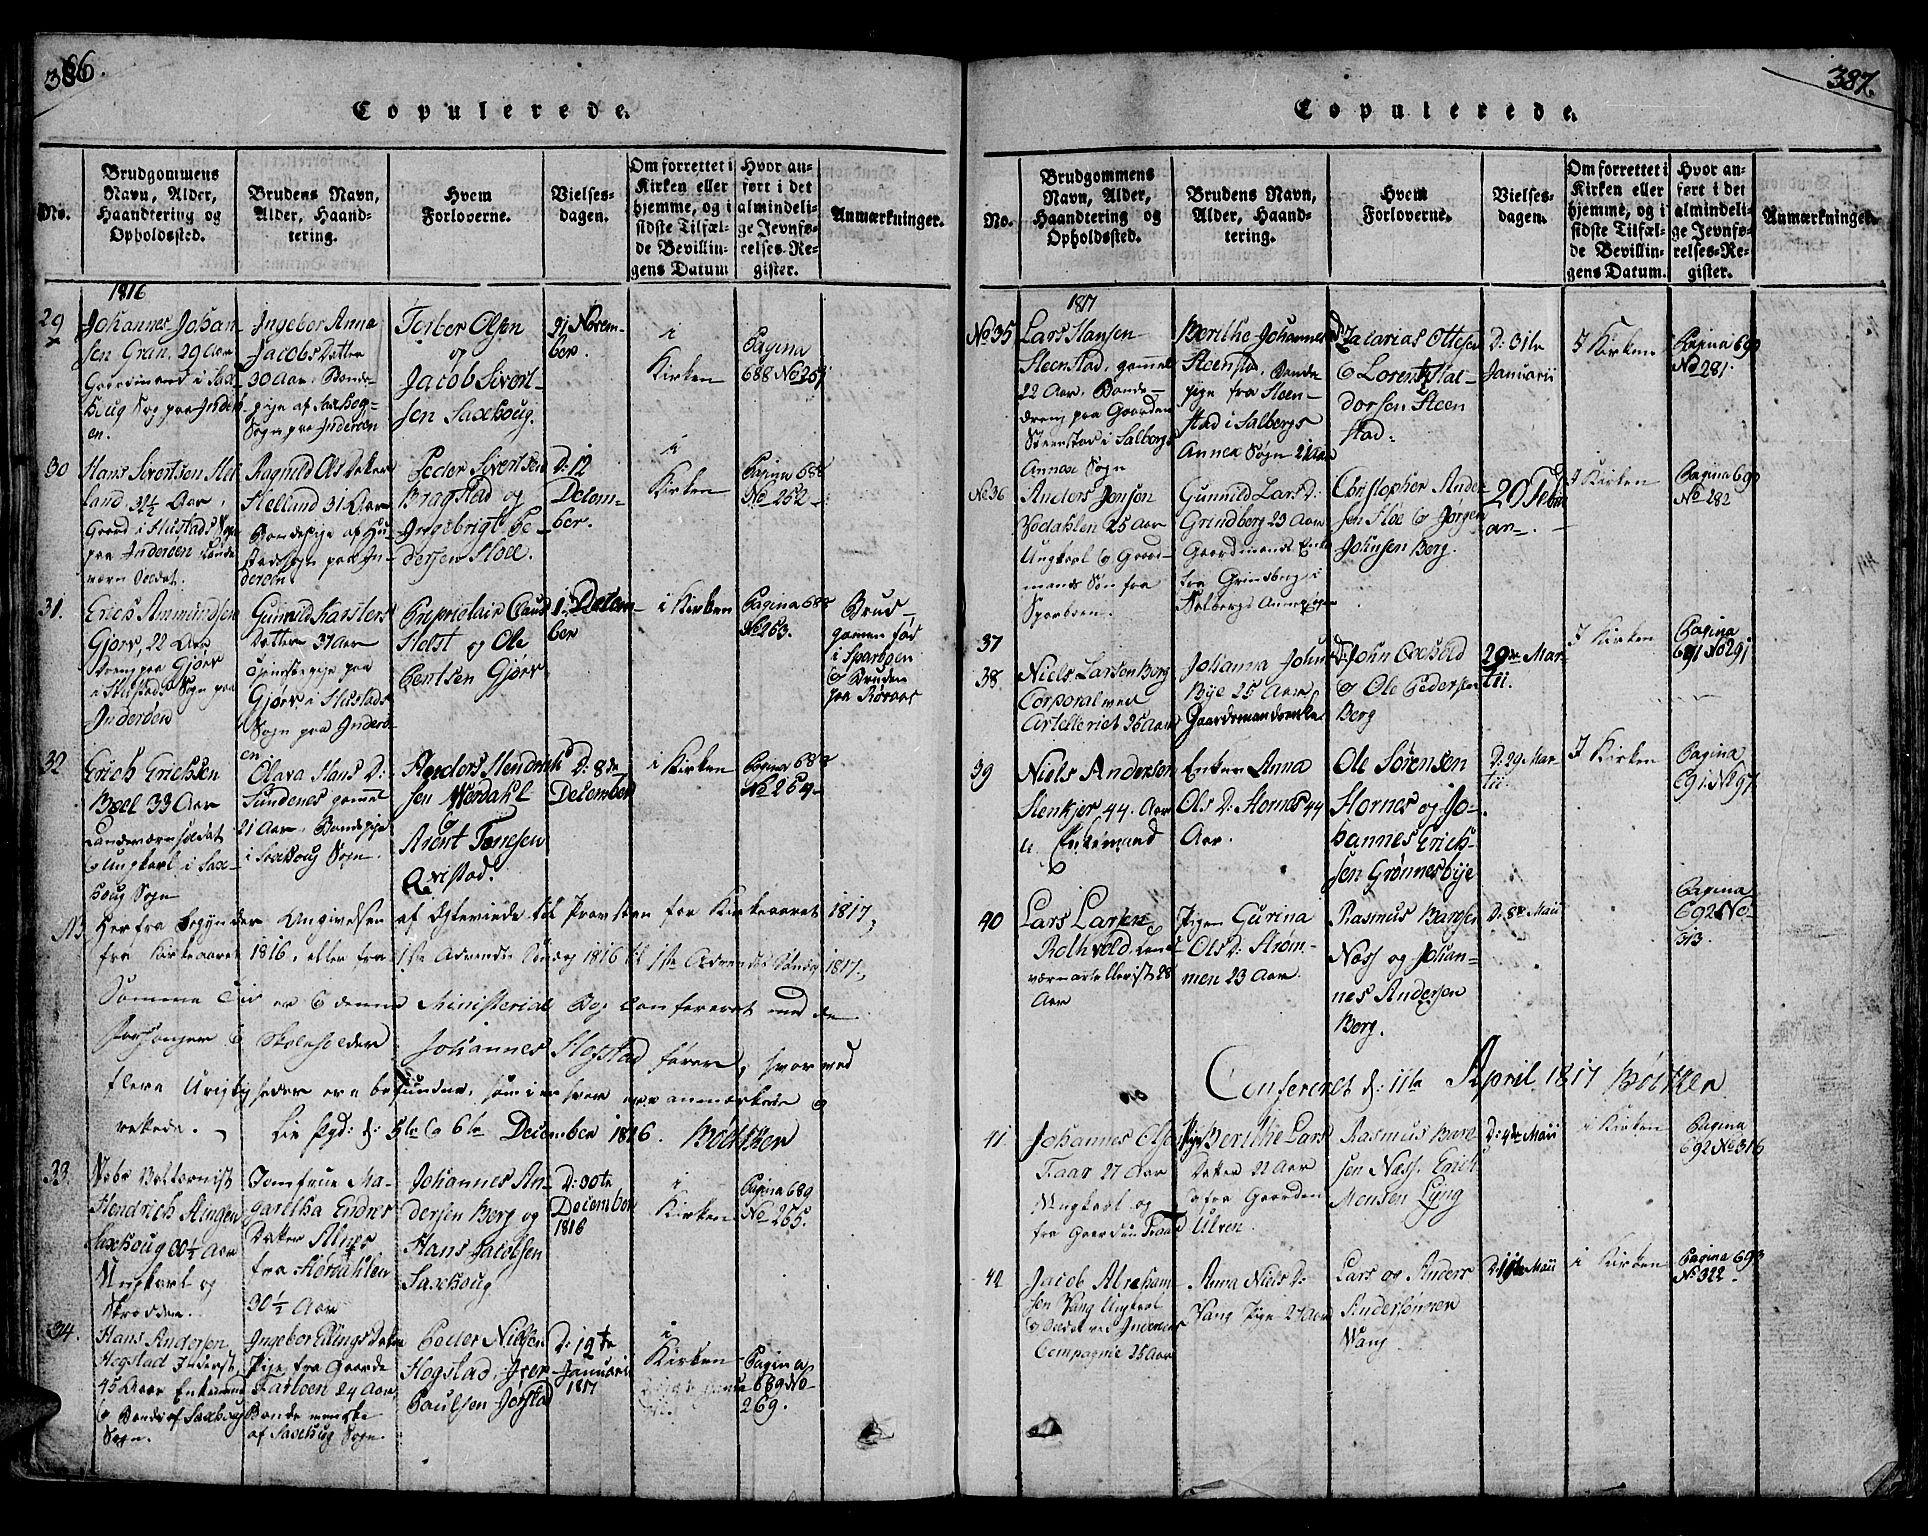 SAT, Ministerialprotokoller, klokkerbøker og fødselsregistre - Nord-Trøndelag, 730/L0275: Ministerialbok nr. 730A04, 1816-1822, s. 386-387